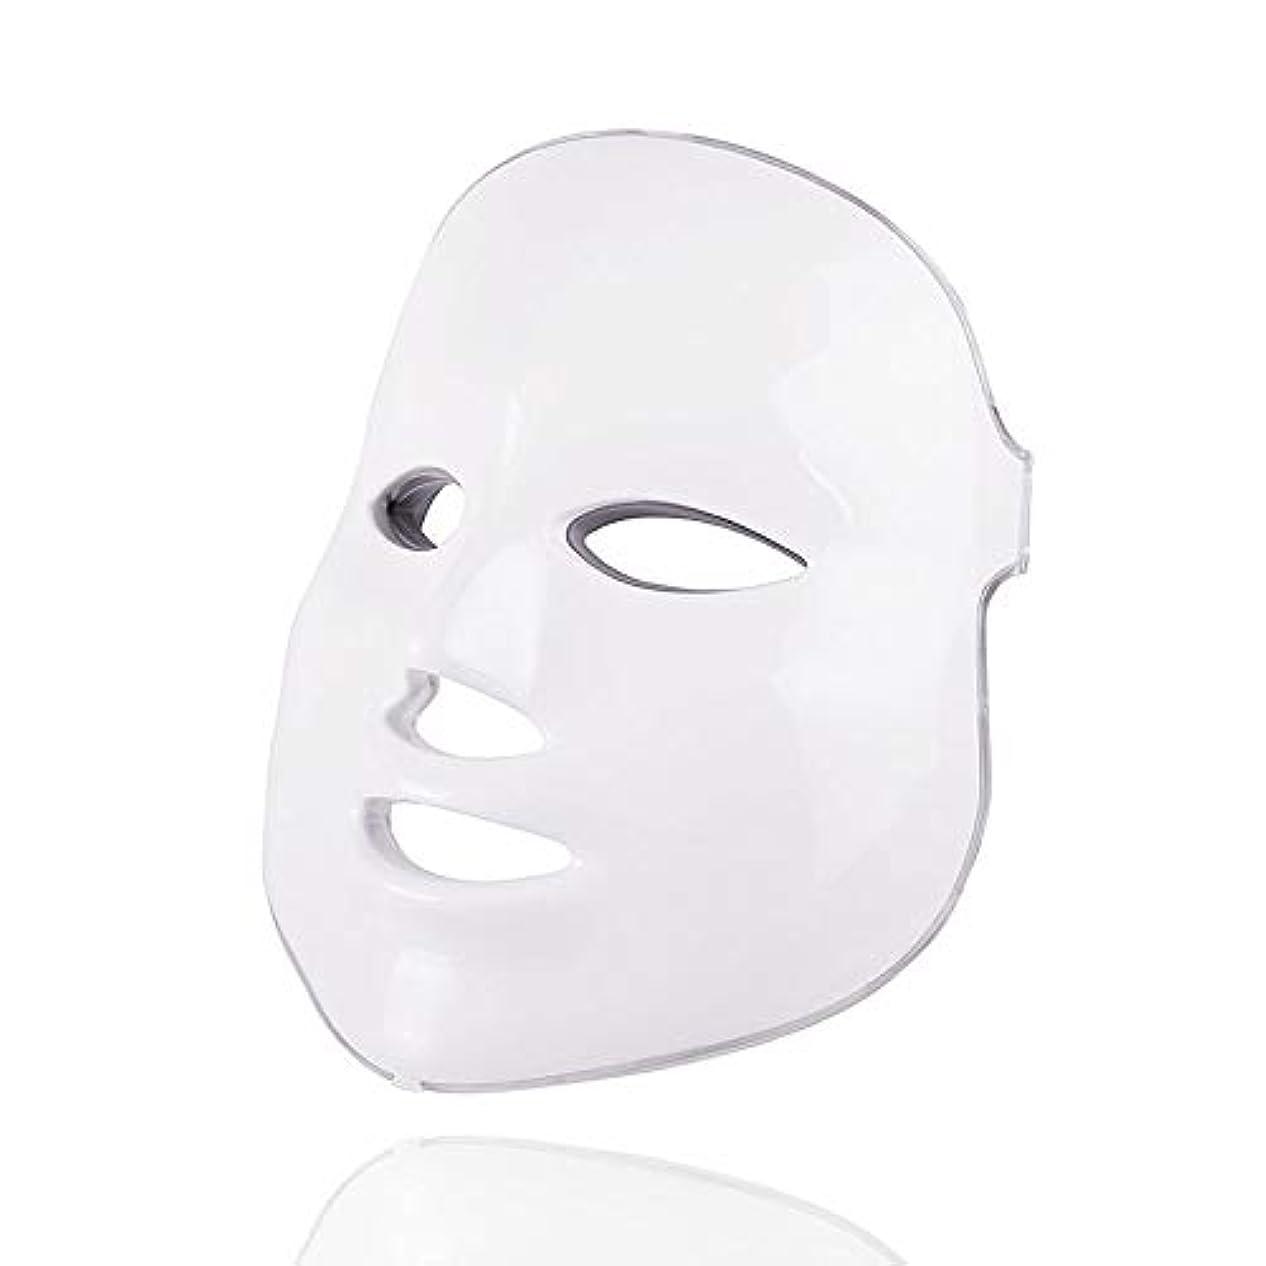 令状精神医学登録する7色美容療法光子、ledフェイシャルマスクライトスキンケア若返りしわにきび除去顔美容スパ楽器